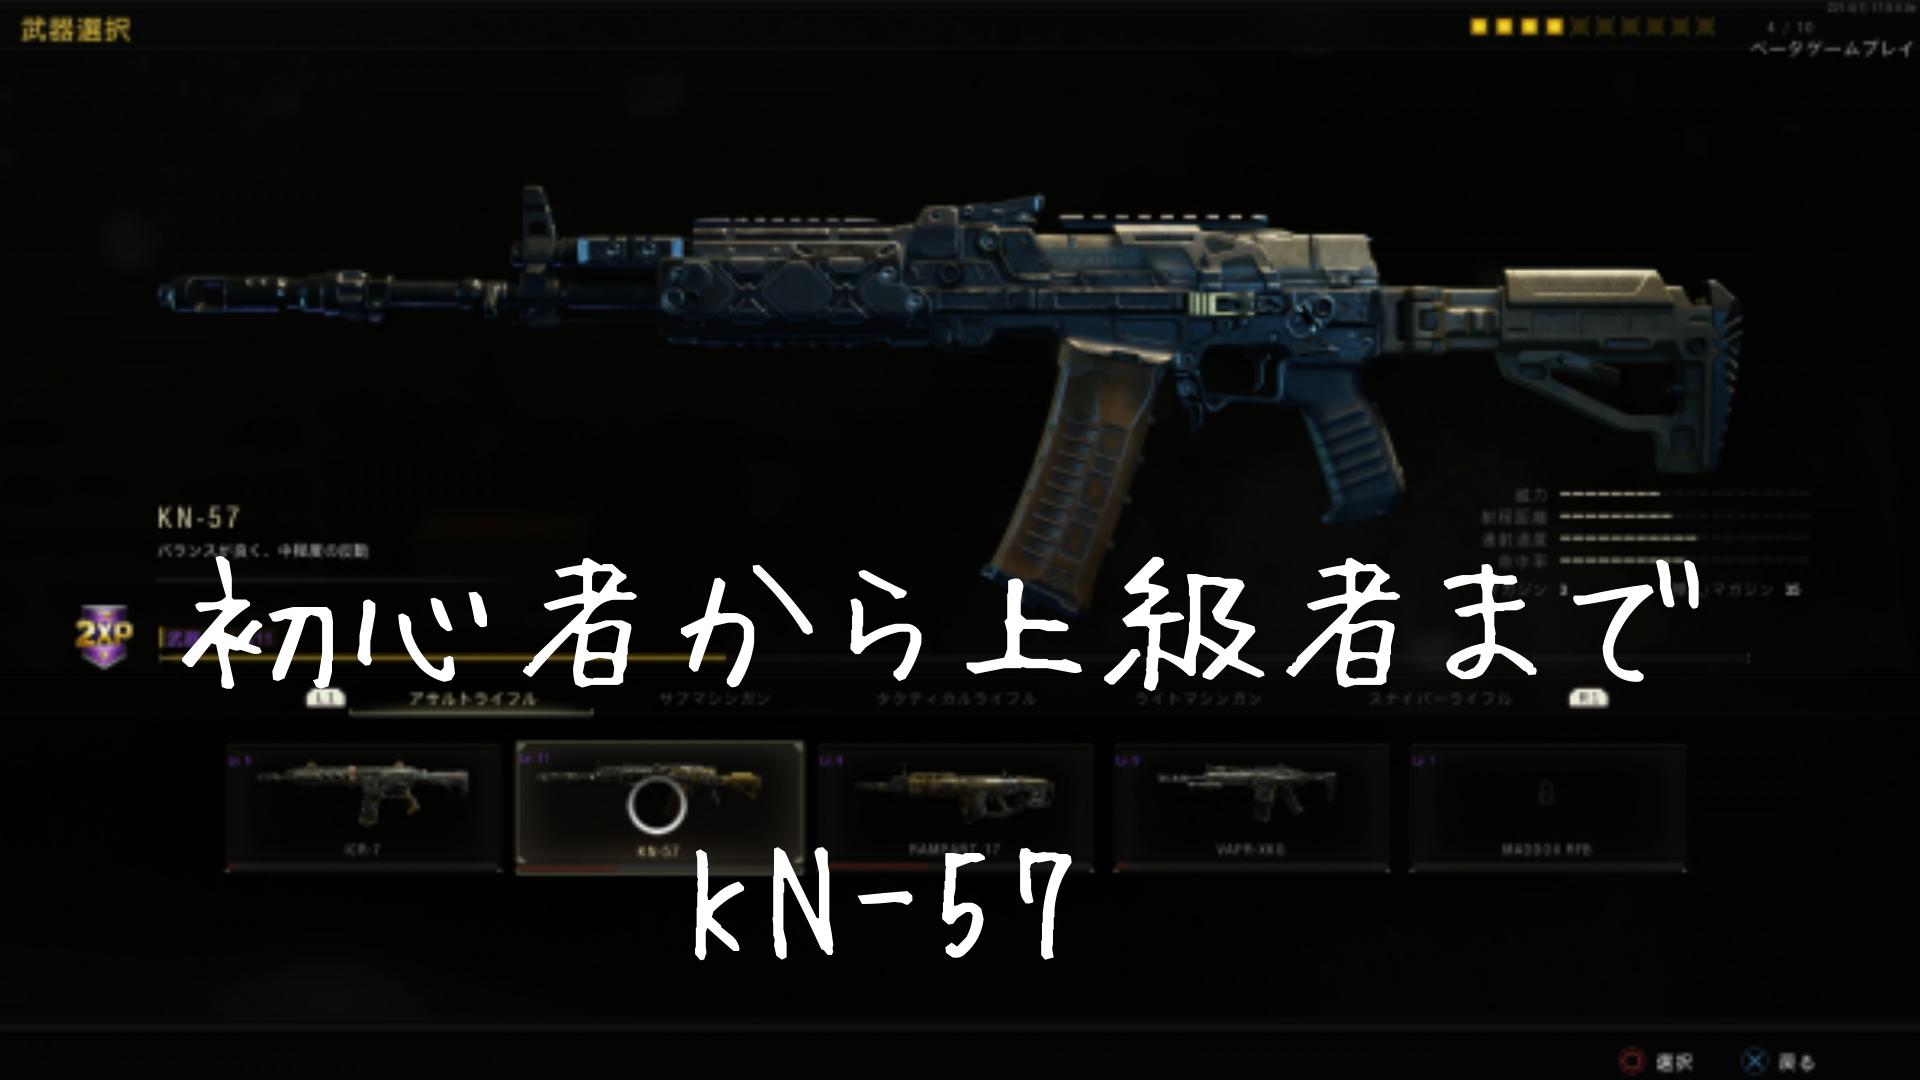 【BO4】強化により強さを手に入れた KN-57【おすすめ】